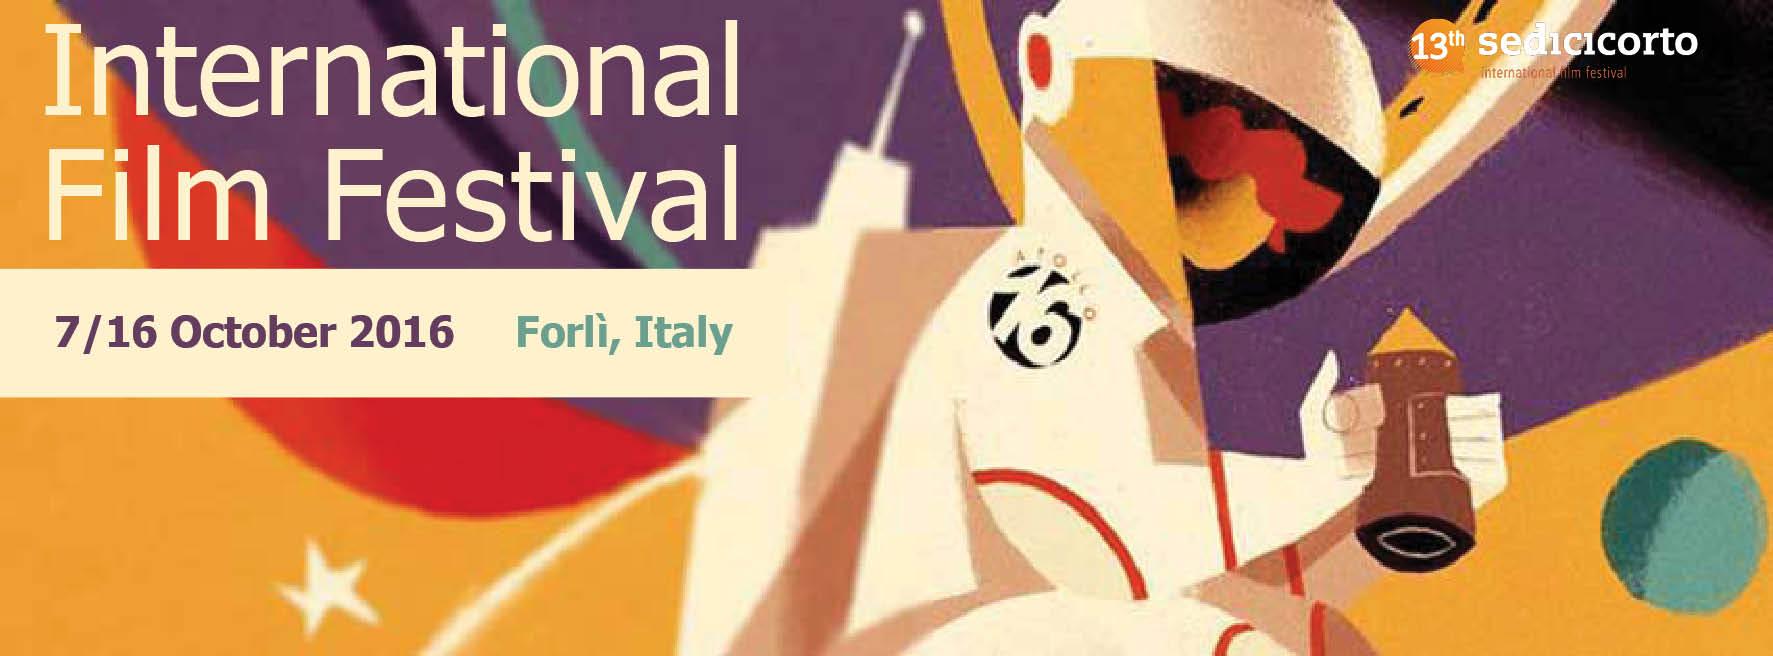 Sedicicorto International Film Festival - CineFatti